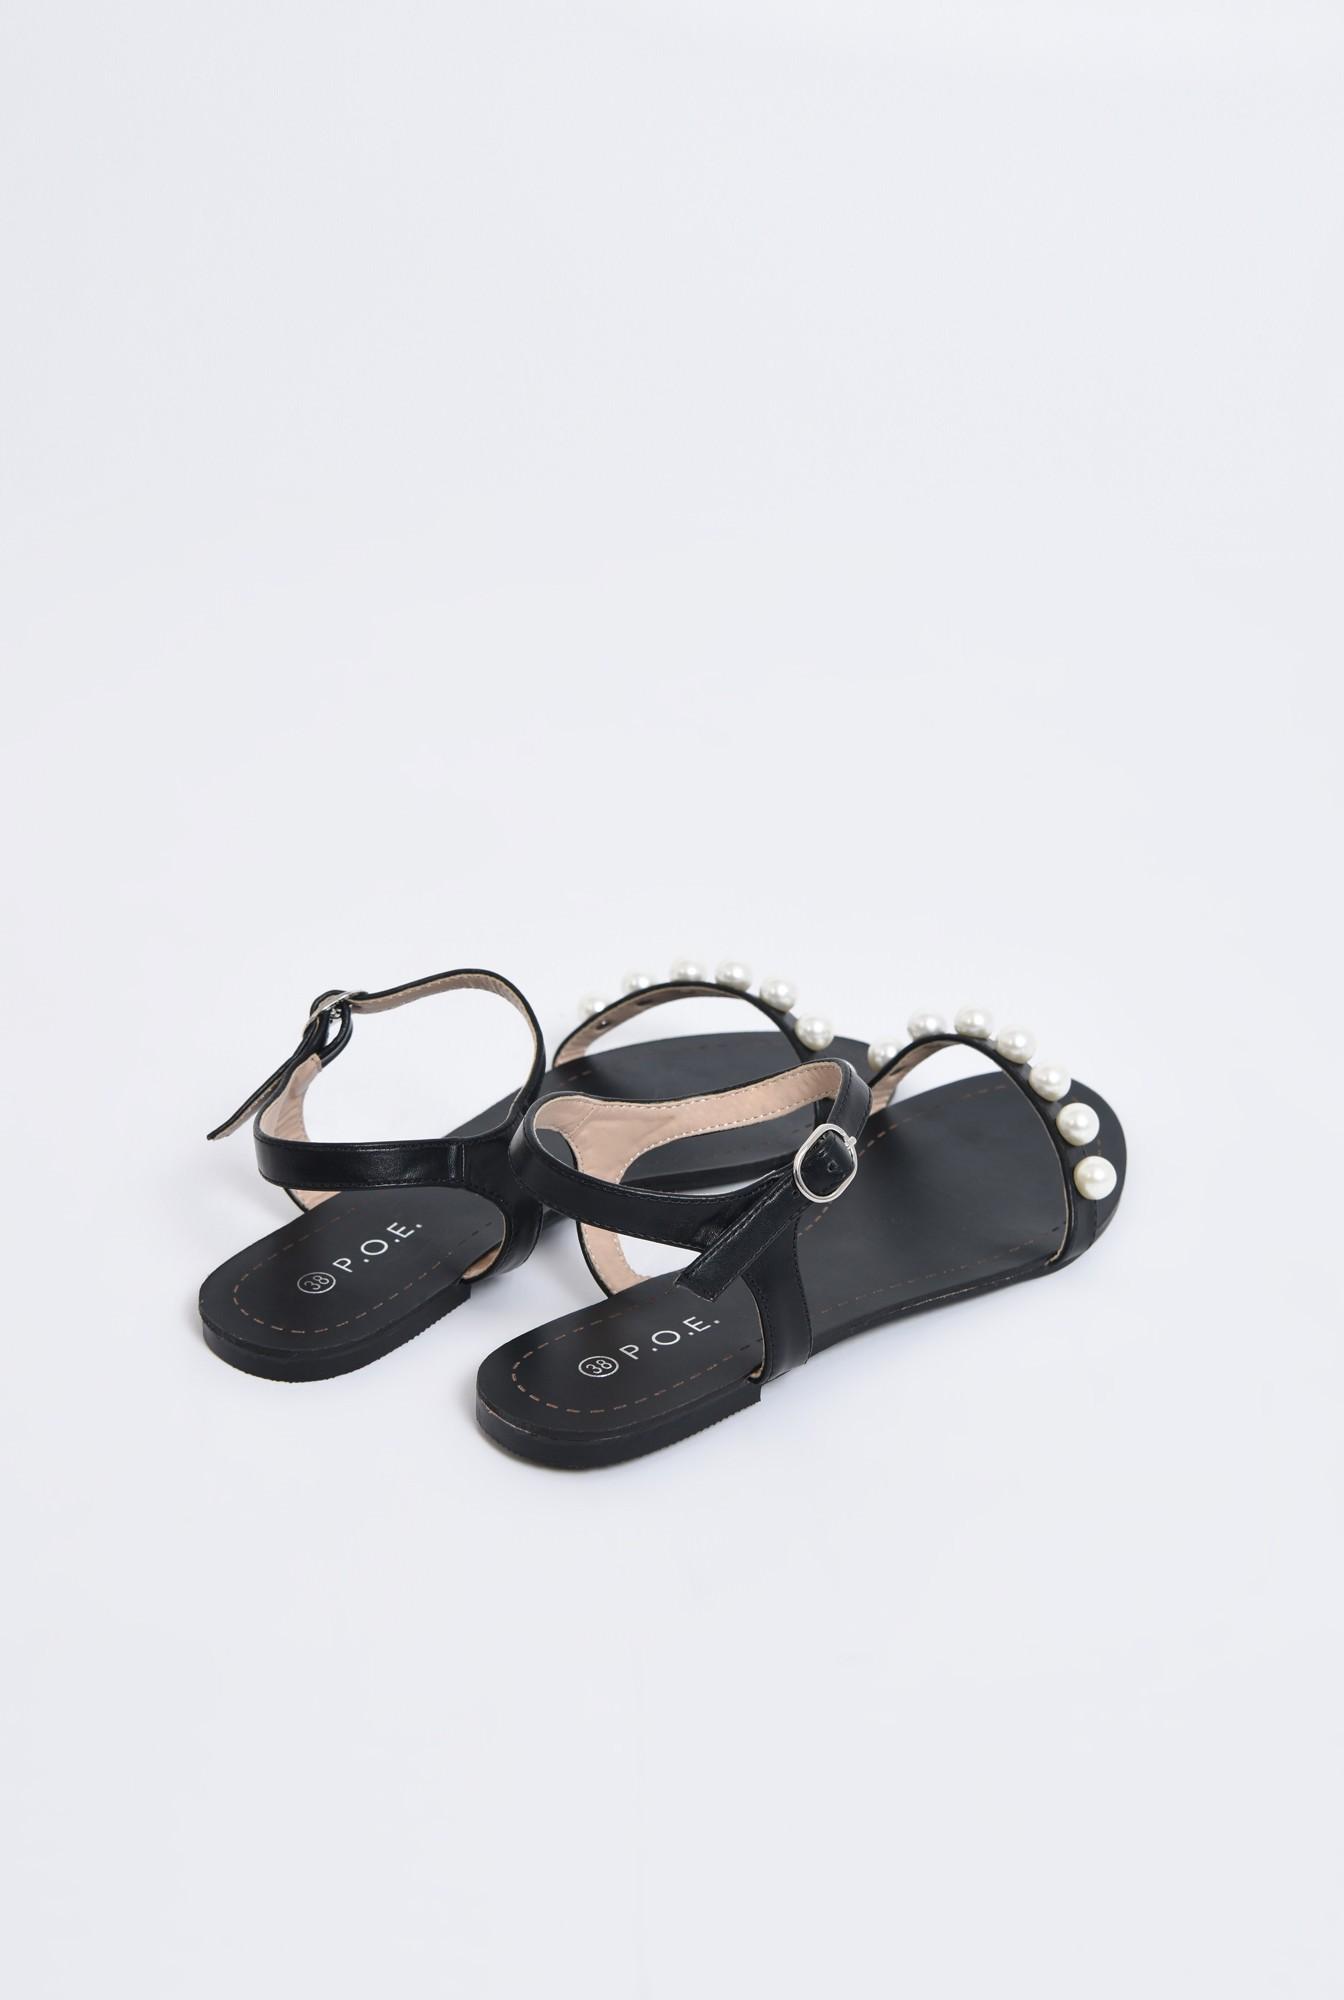 2 - sandale comode, negre, cu talpa joasa, bareta cu perle